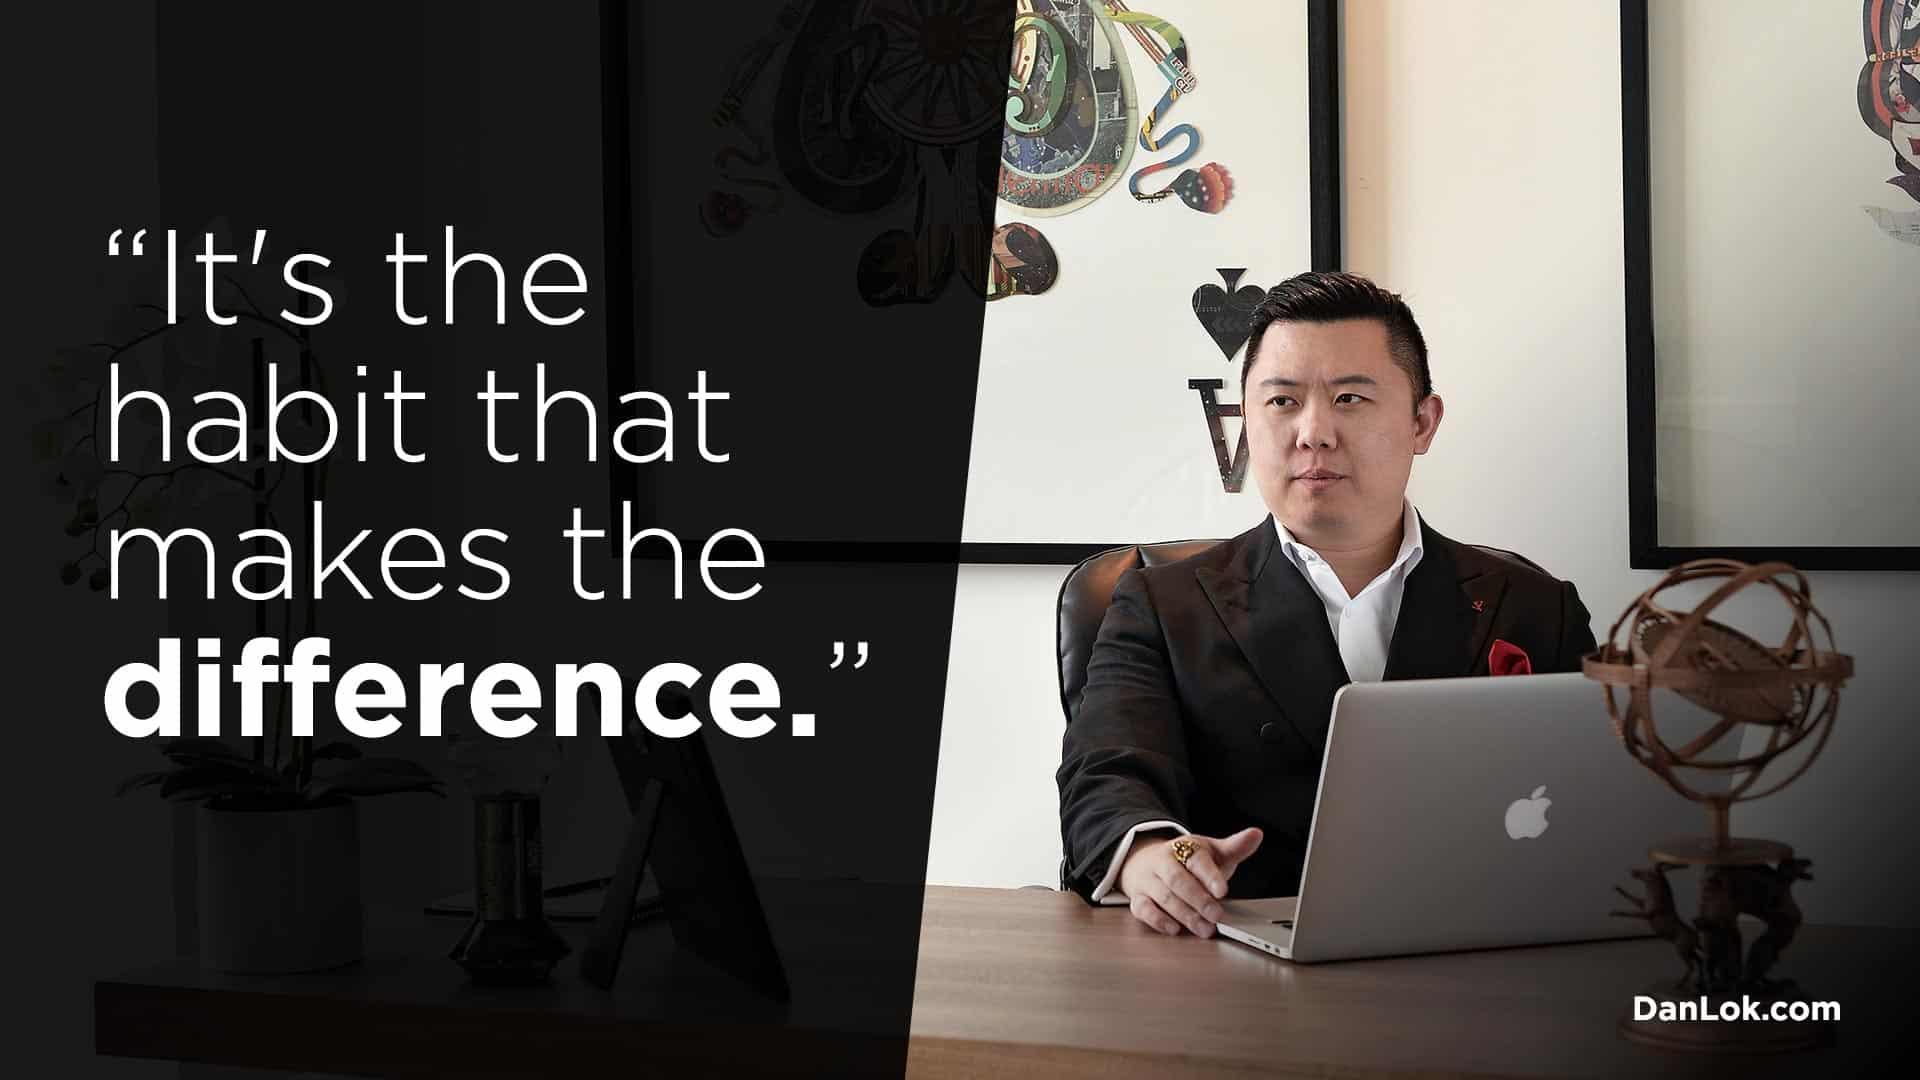 Wie Sie Ihr Geld wie die Reichen richtig verwalten - Es ist die Gewohnheit, die den Unterschied macht.